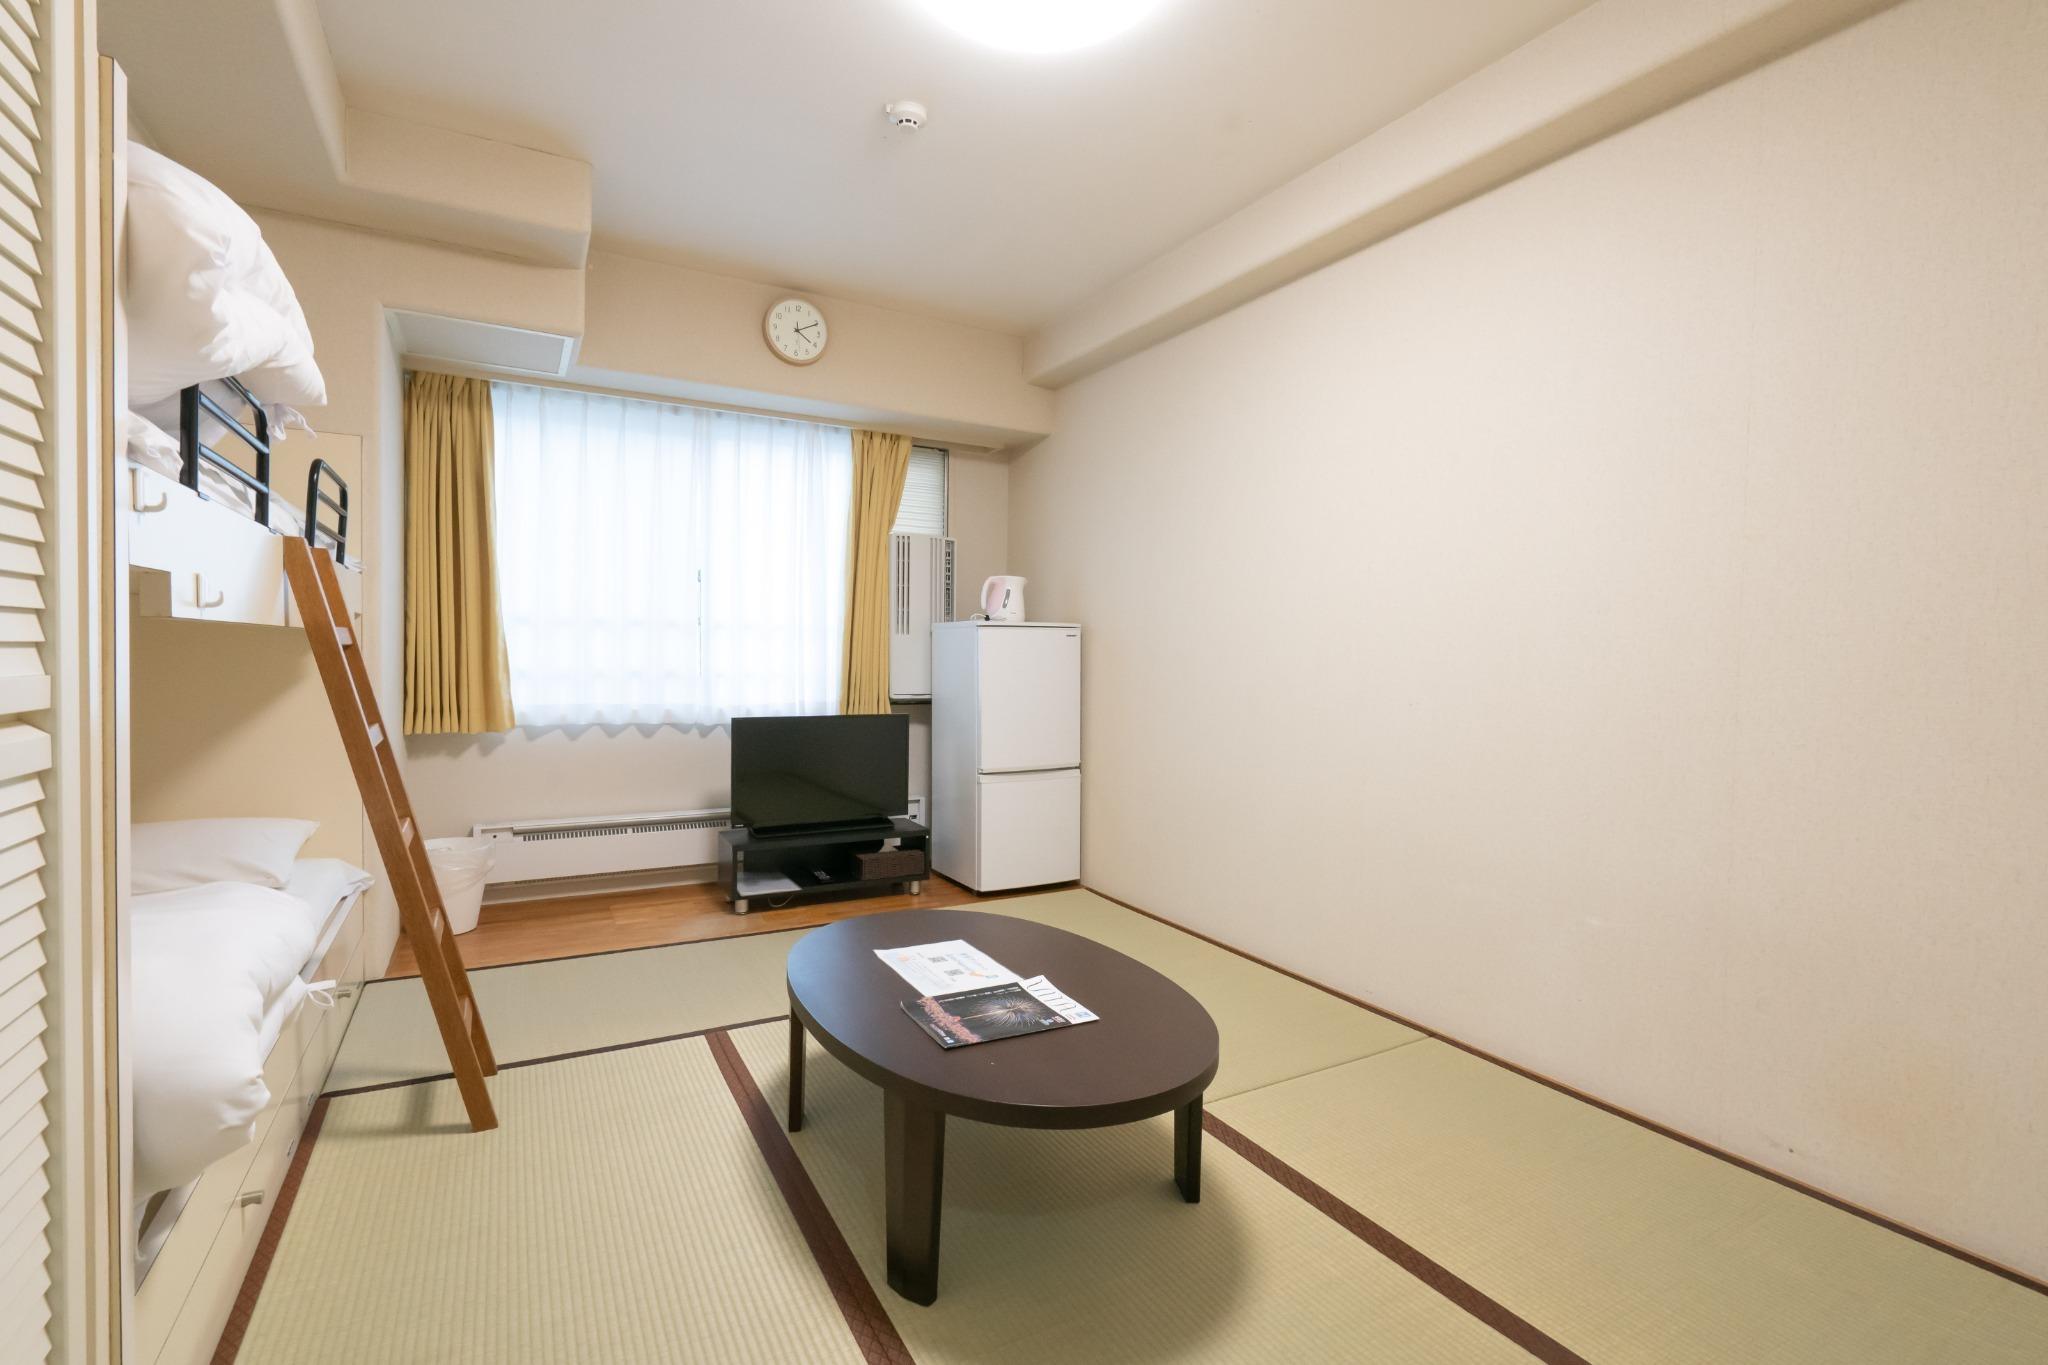 【値下げSALE中】Wi-Fi完備・温泉有・ミニキッチン付・一階コンビニ【610号室・4名】